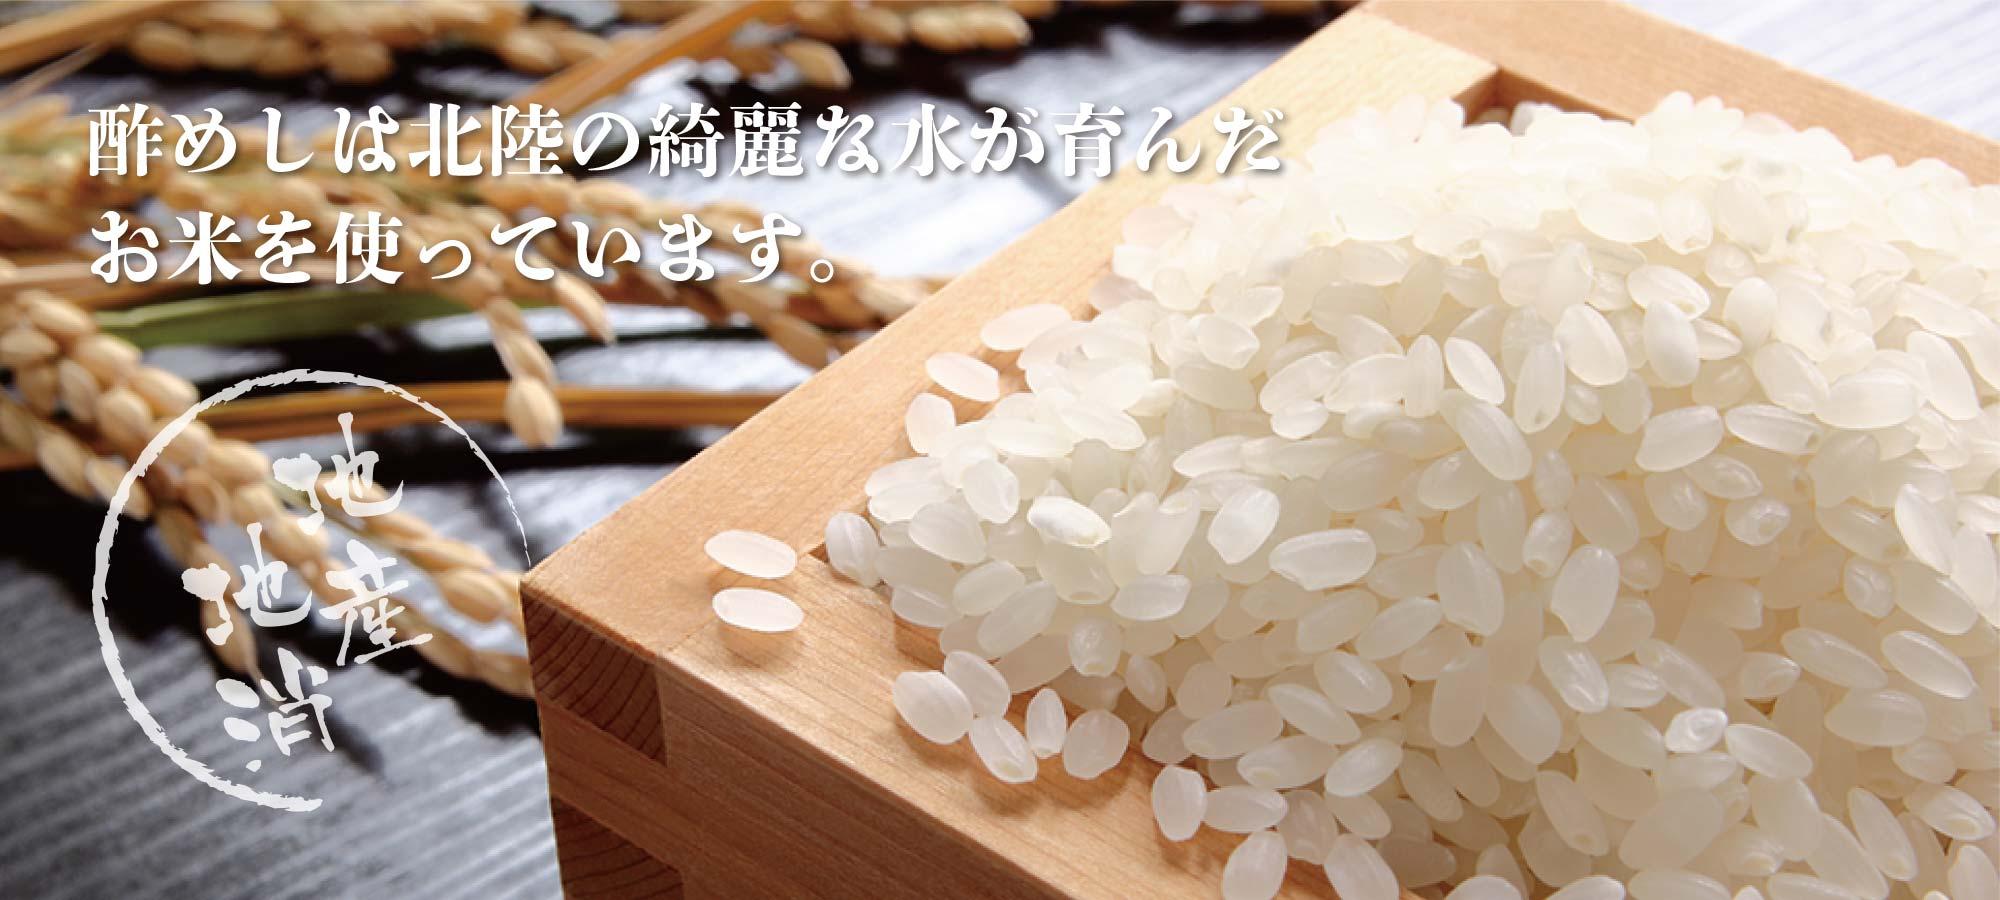 酢めしは北陸の綺麗な水が育んだコシヒカリを使っています。